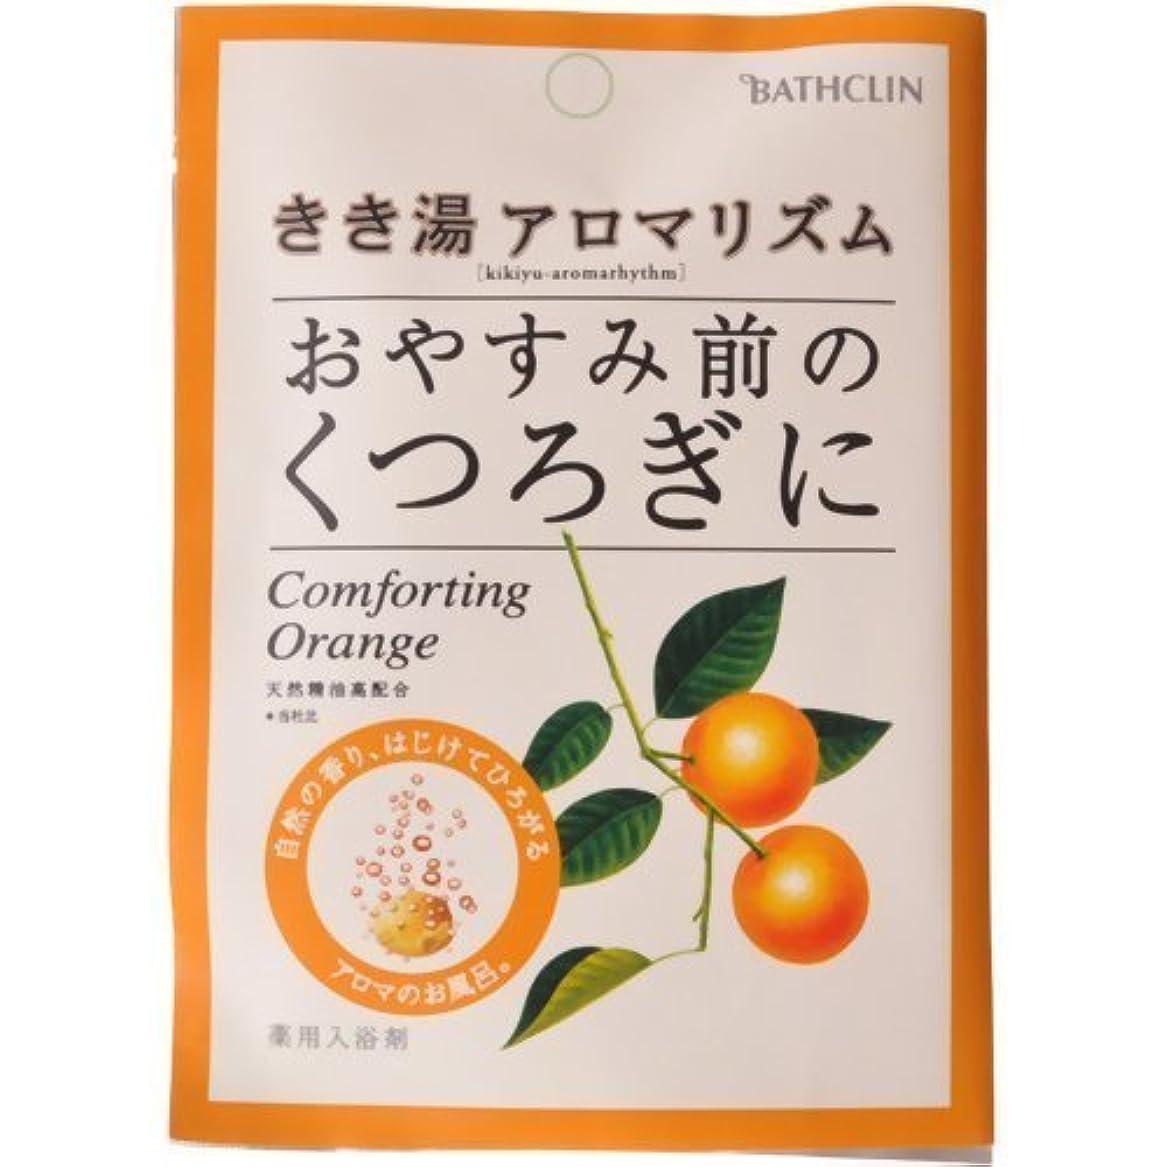 ますます研究医学きき湯 アロマリズム コンフォーティングの香り 30g